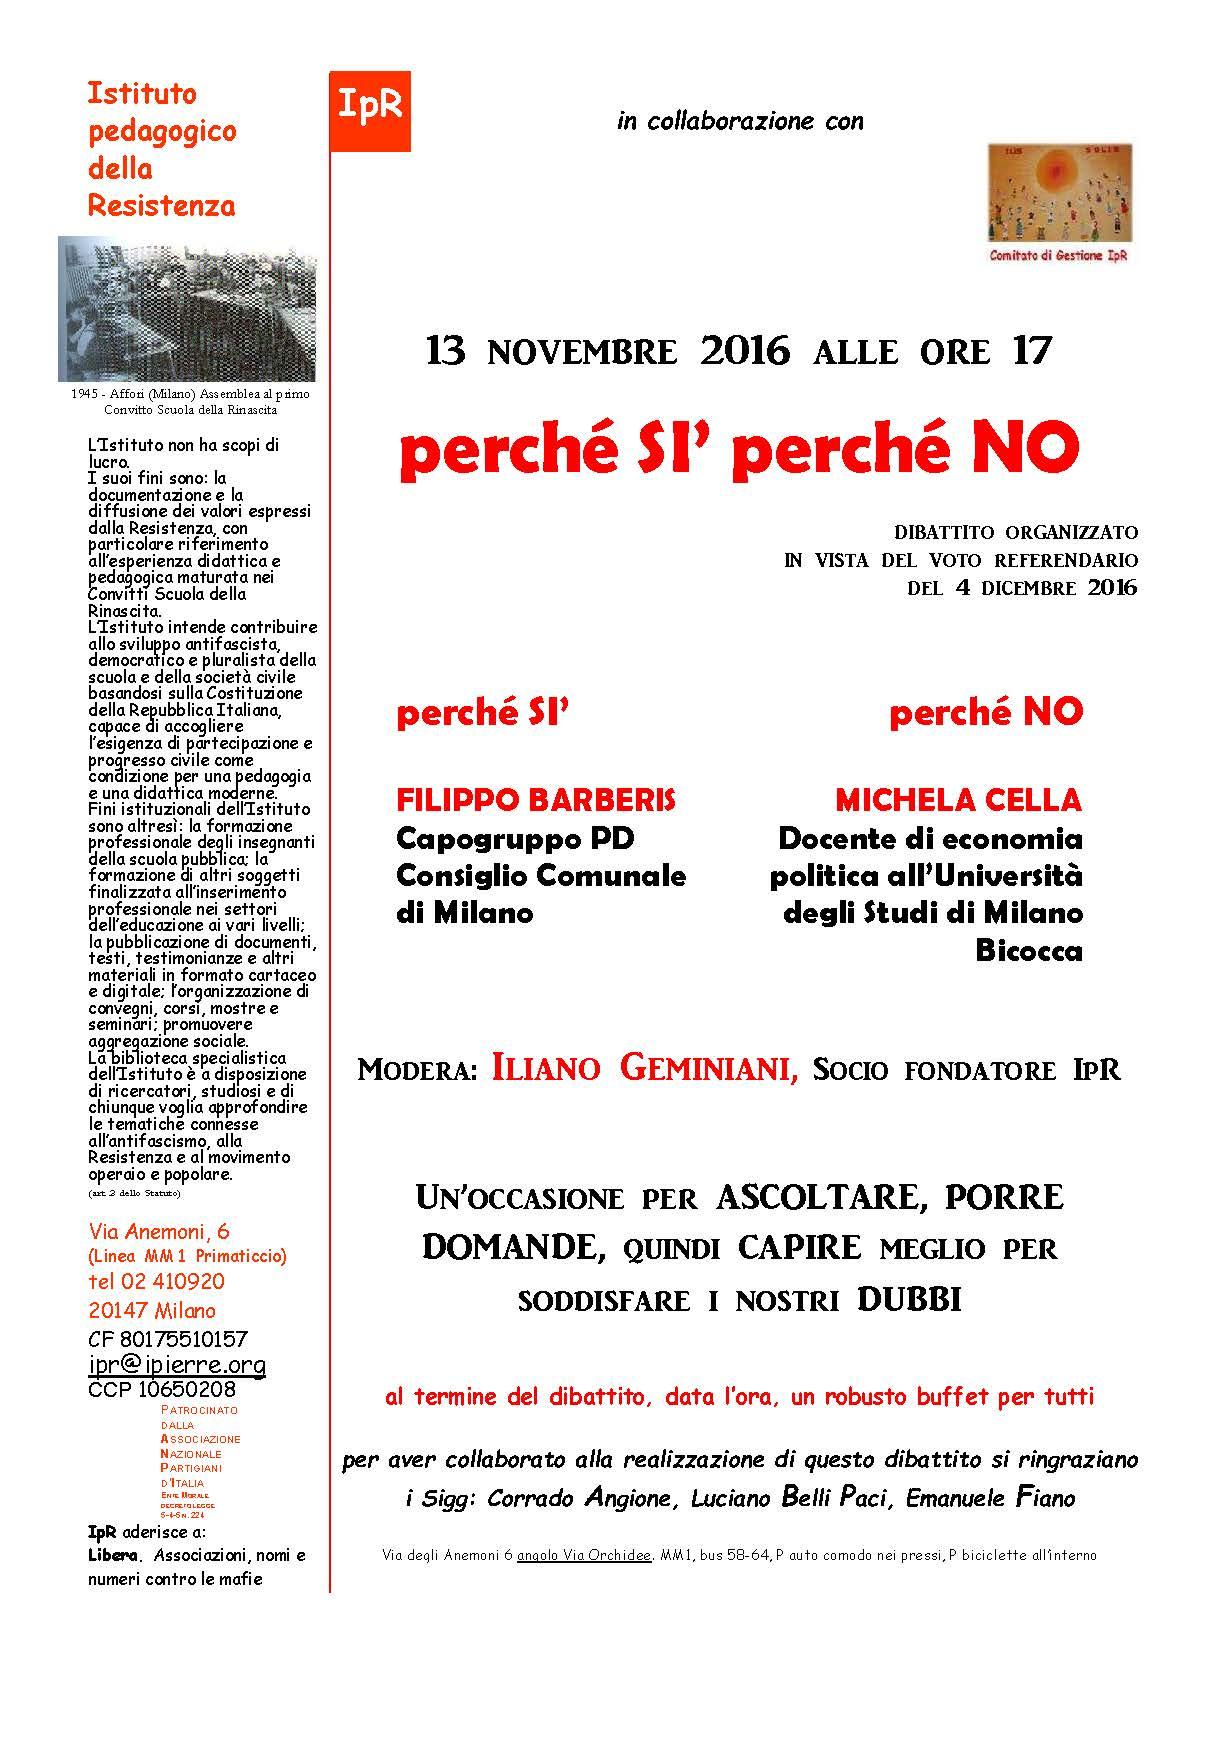 invito_13_novembre_2017_dibattito_referendum_si_o_no.jpg